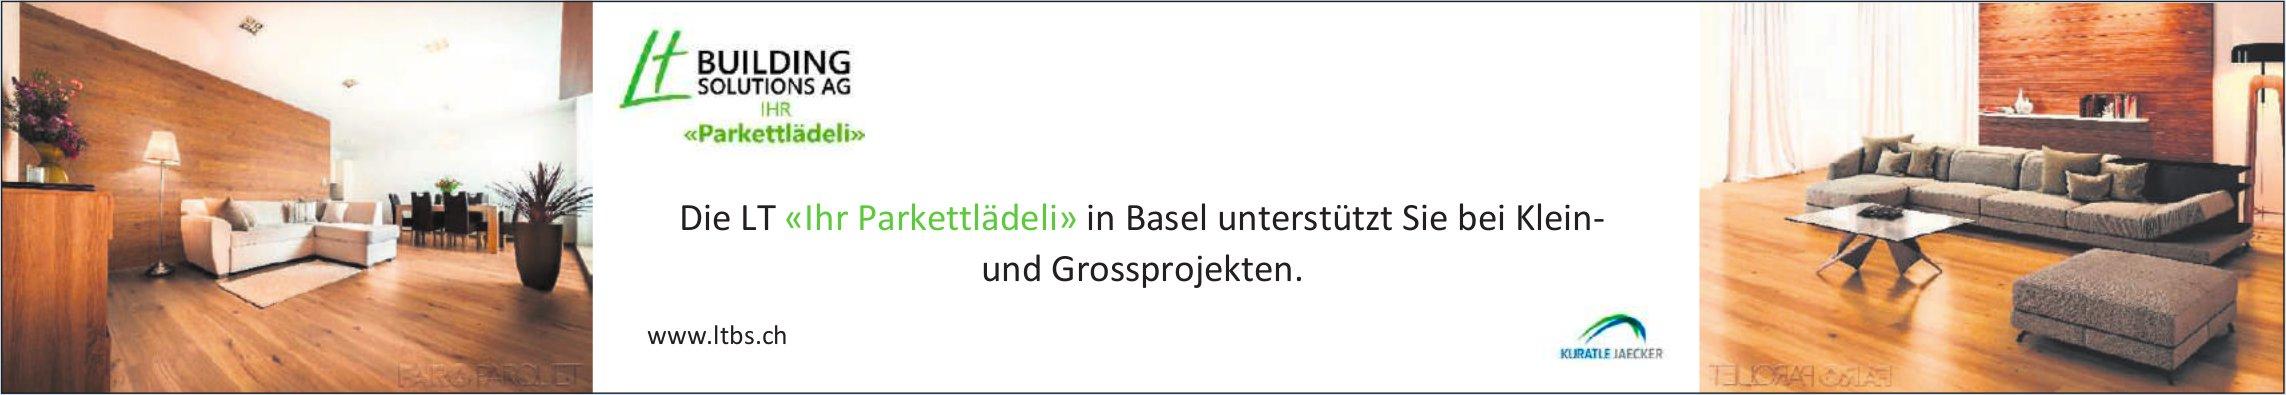 Building Solutions AG, Basel - Die LT «Ihr Parkettlädeli» in Basel unterstützt Sie bei Klein- und Grossprojekten.